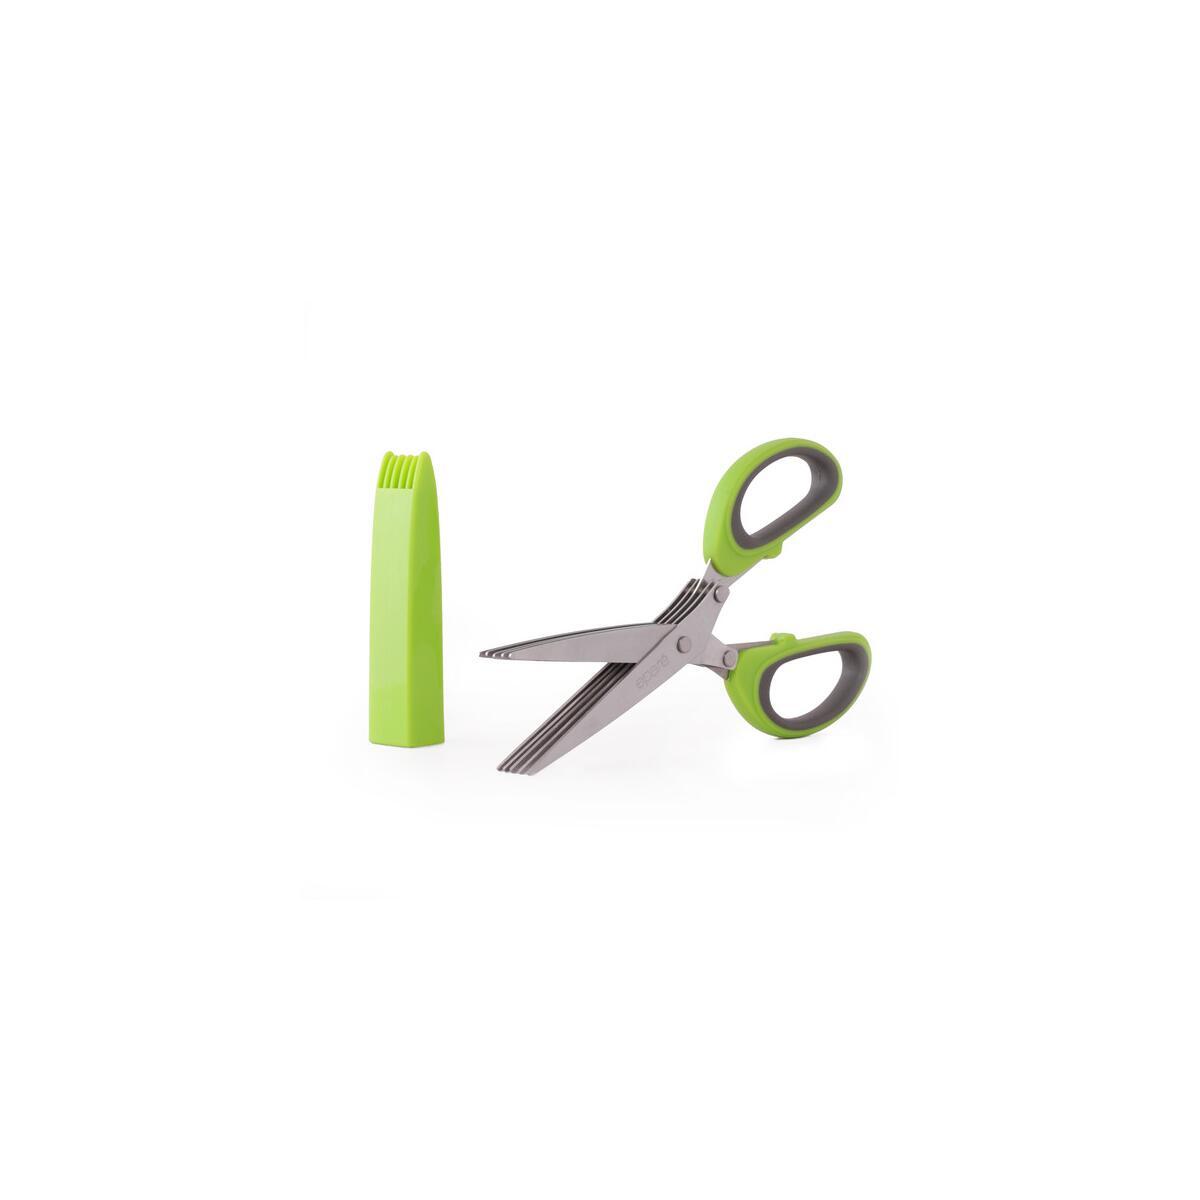 Eparé Five Blade Scissors